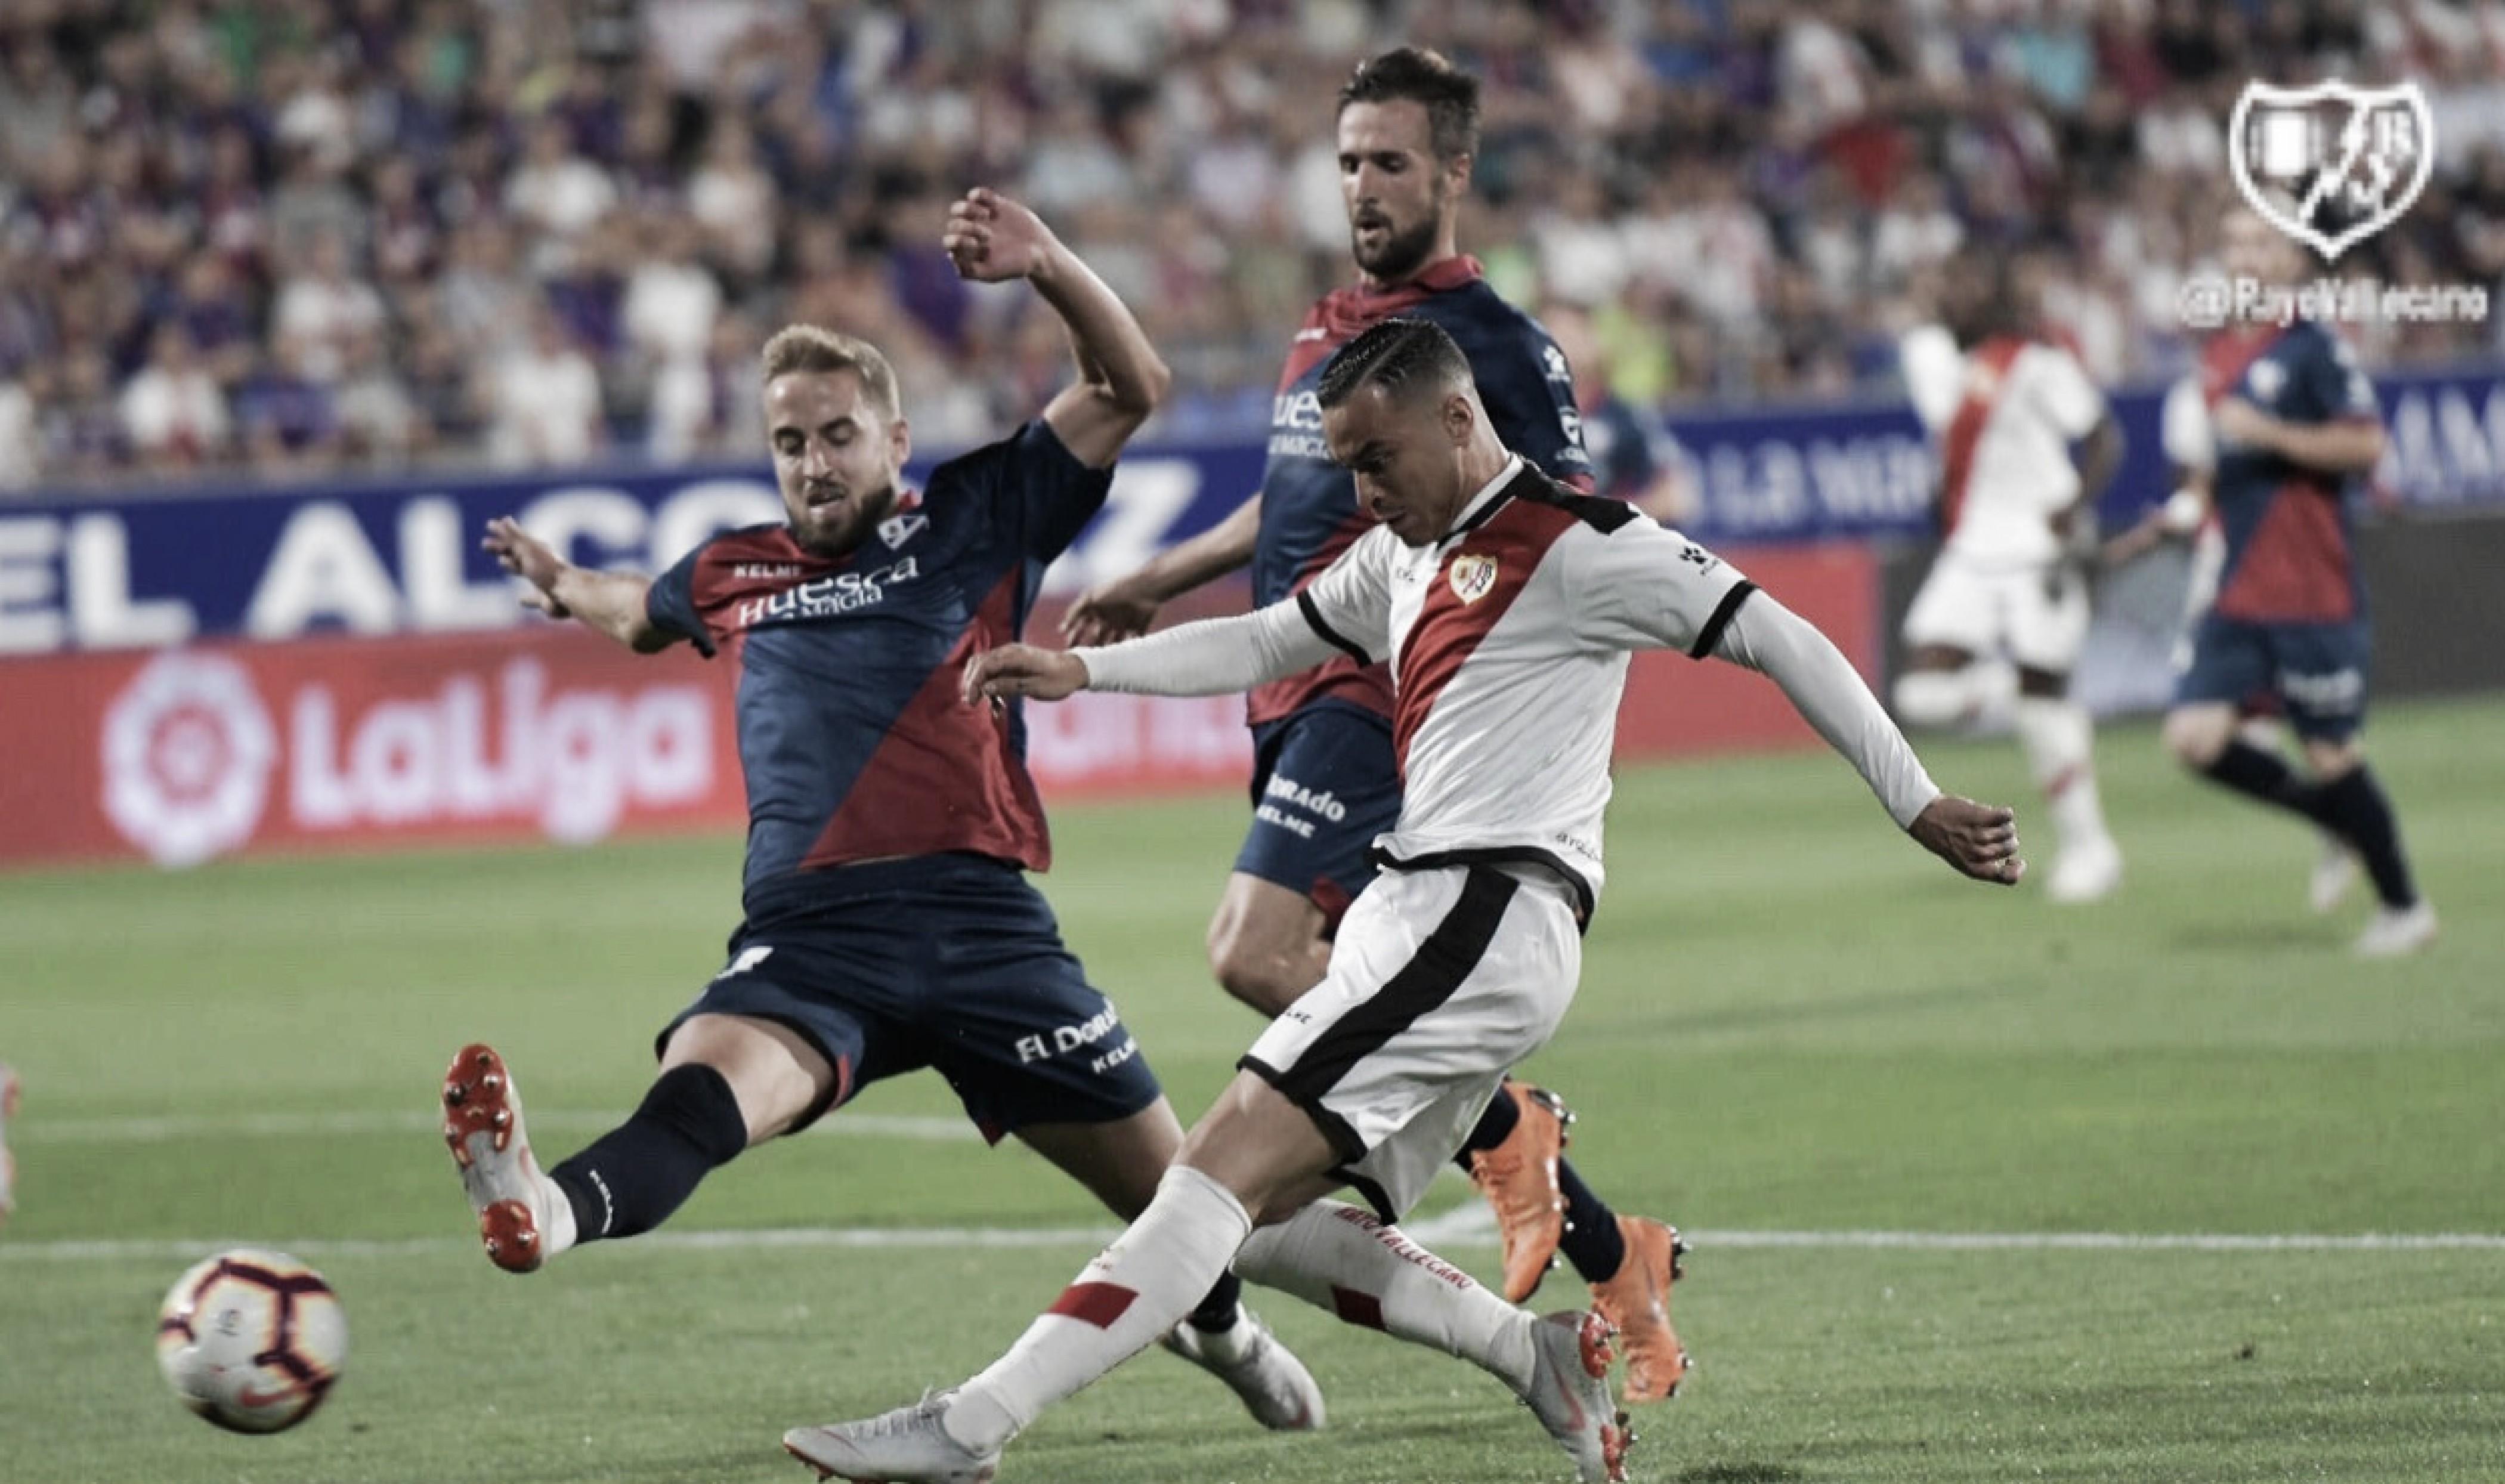 ¿Conseguirá el Rayo la primera victoria en Vallecas?